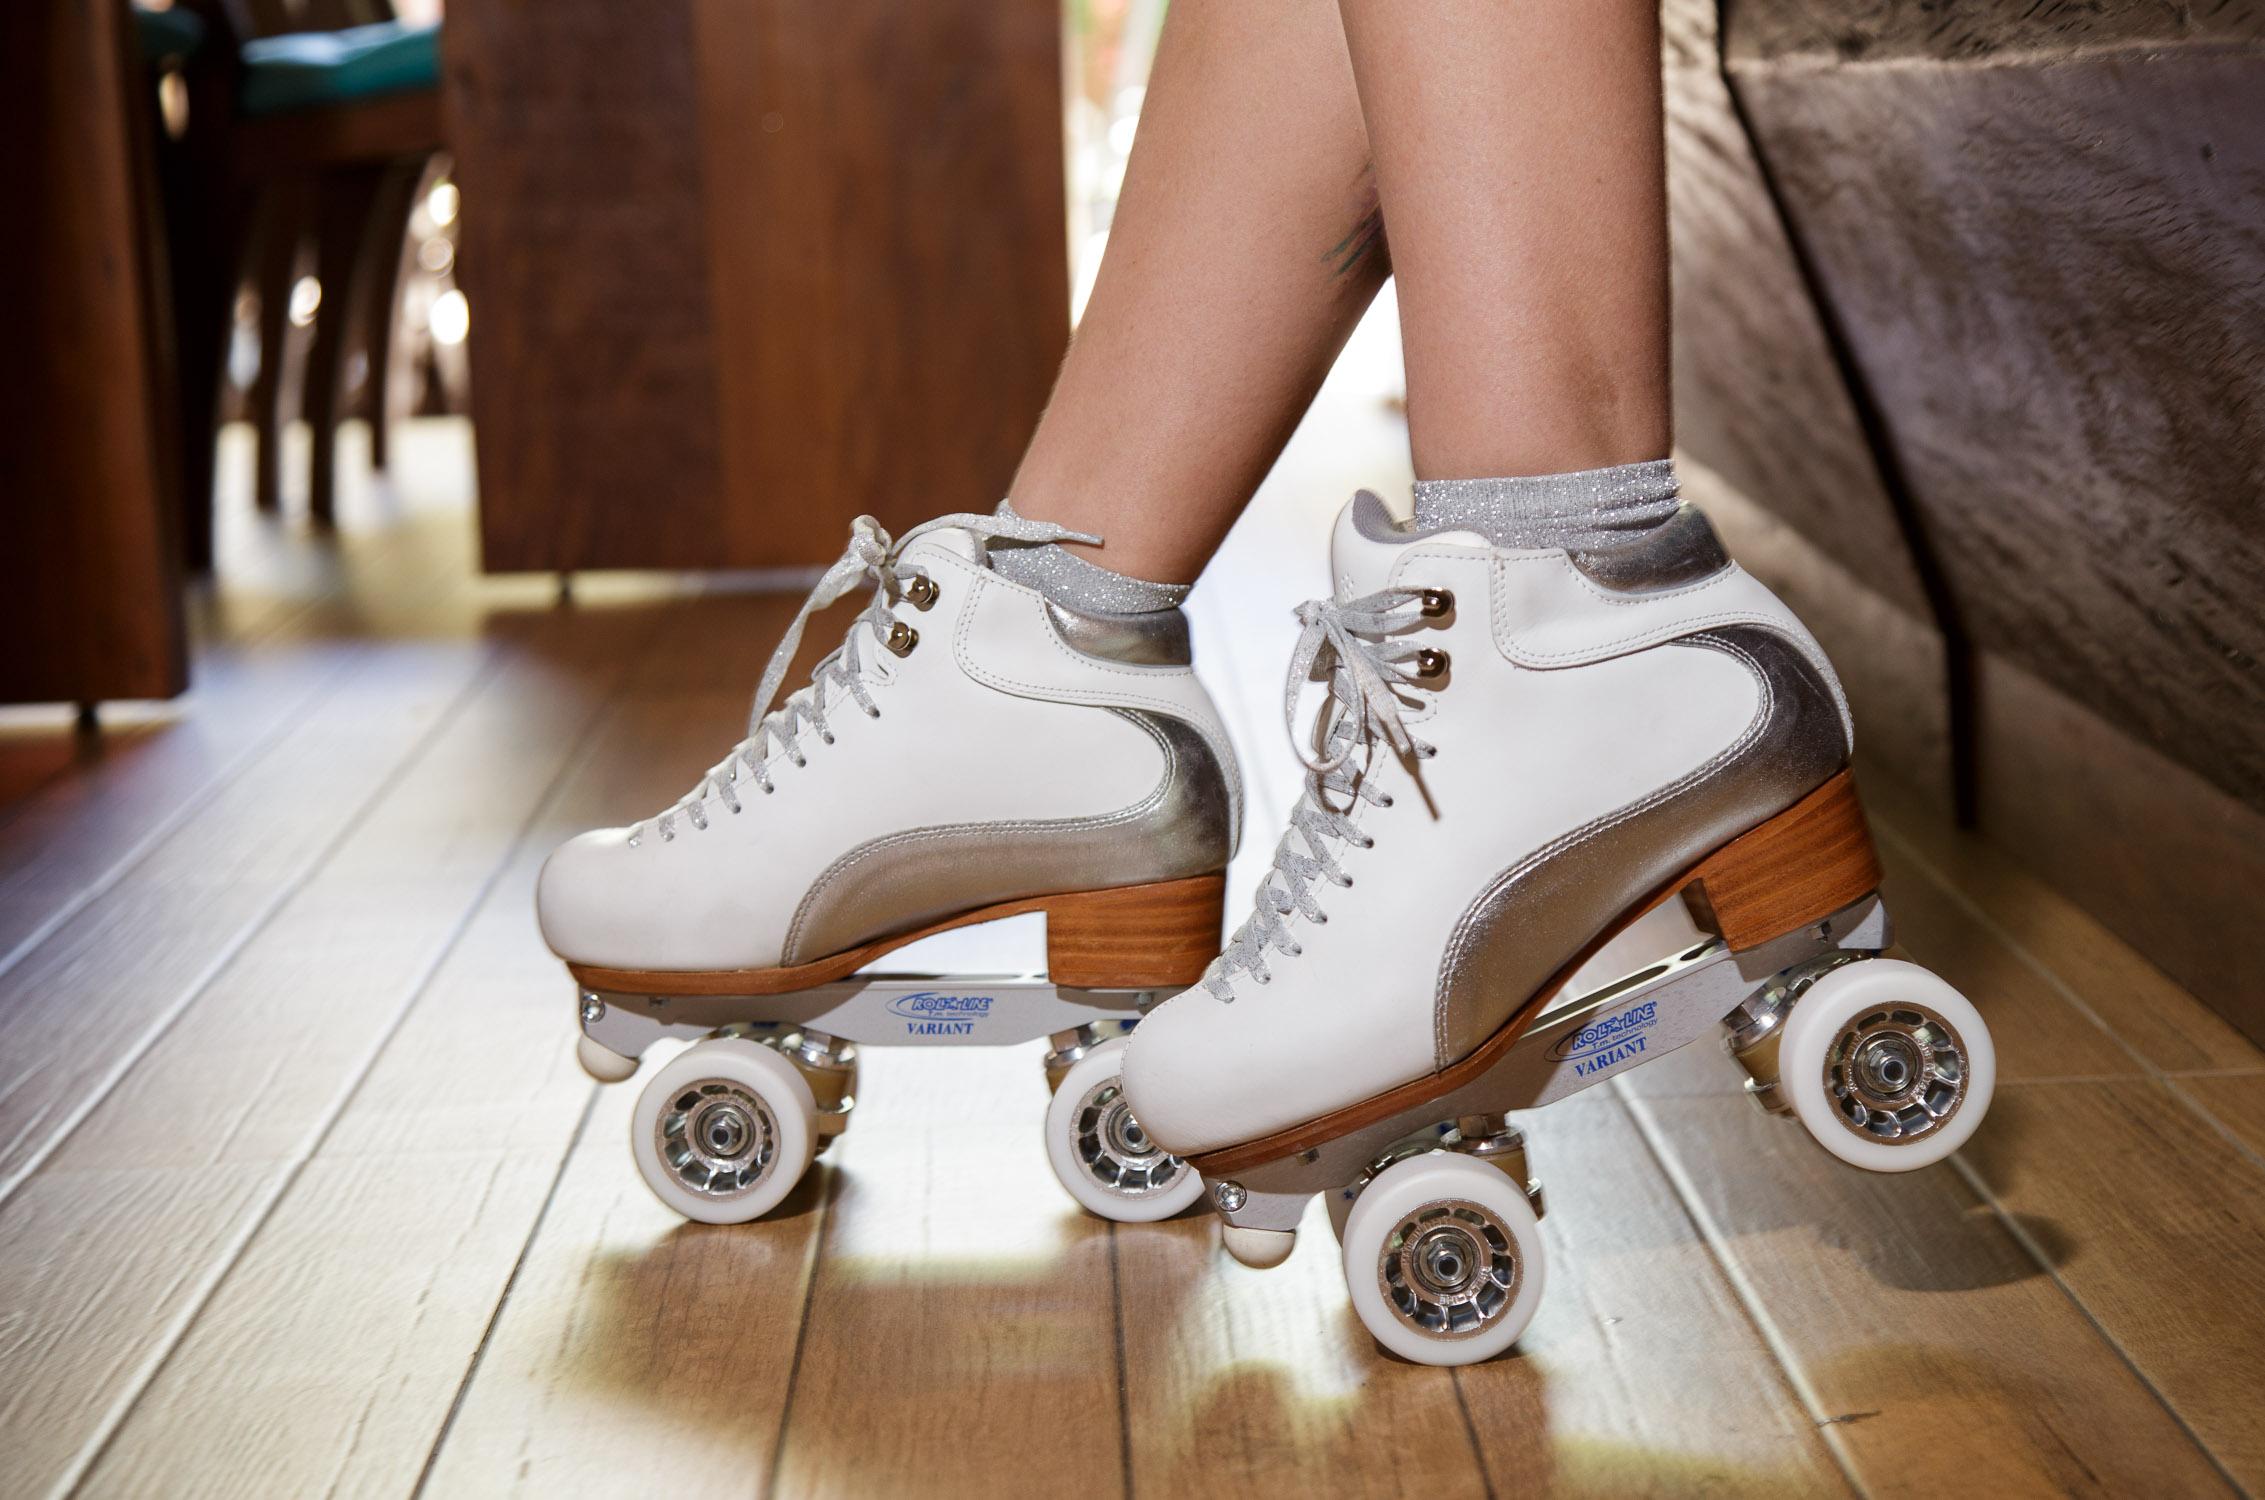 Berry Skates Home